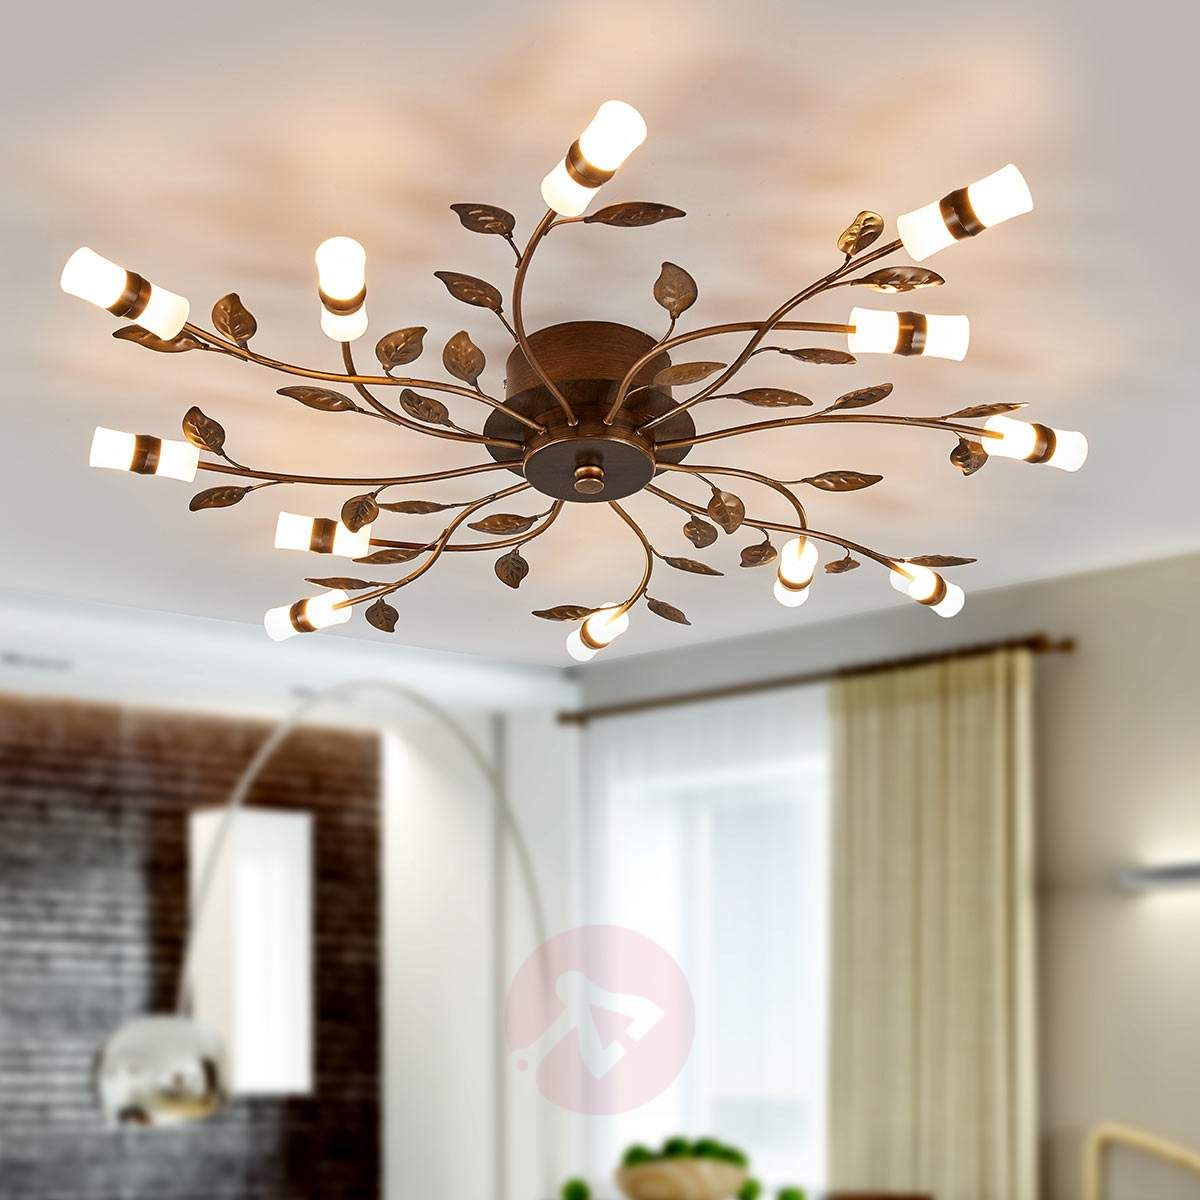 Lampa Sufitowa Led Milian Z Dekorem W Formie Liści Lampy